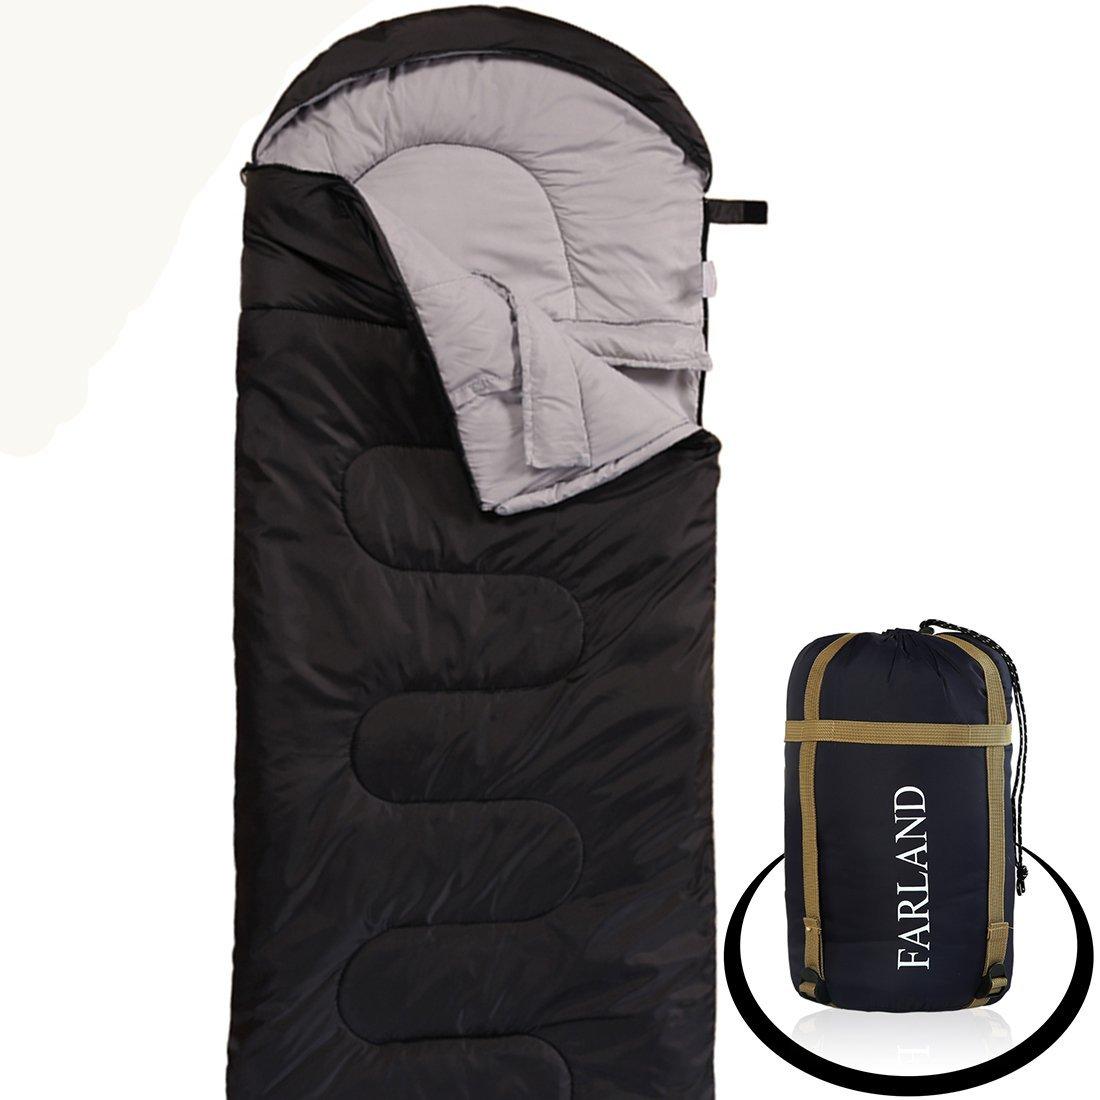 [Amazon] Farland 0-Degree Waterproof Camping Sleeping Bag - Various Colors - $25.67